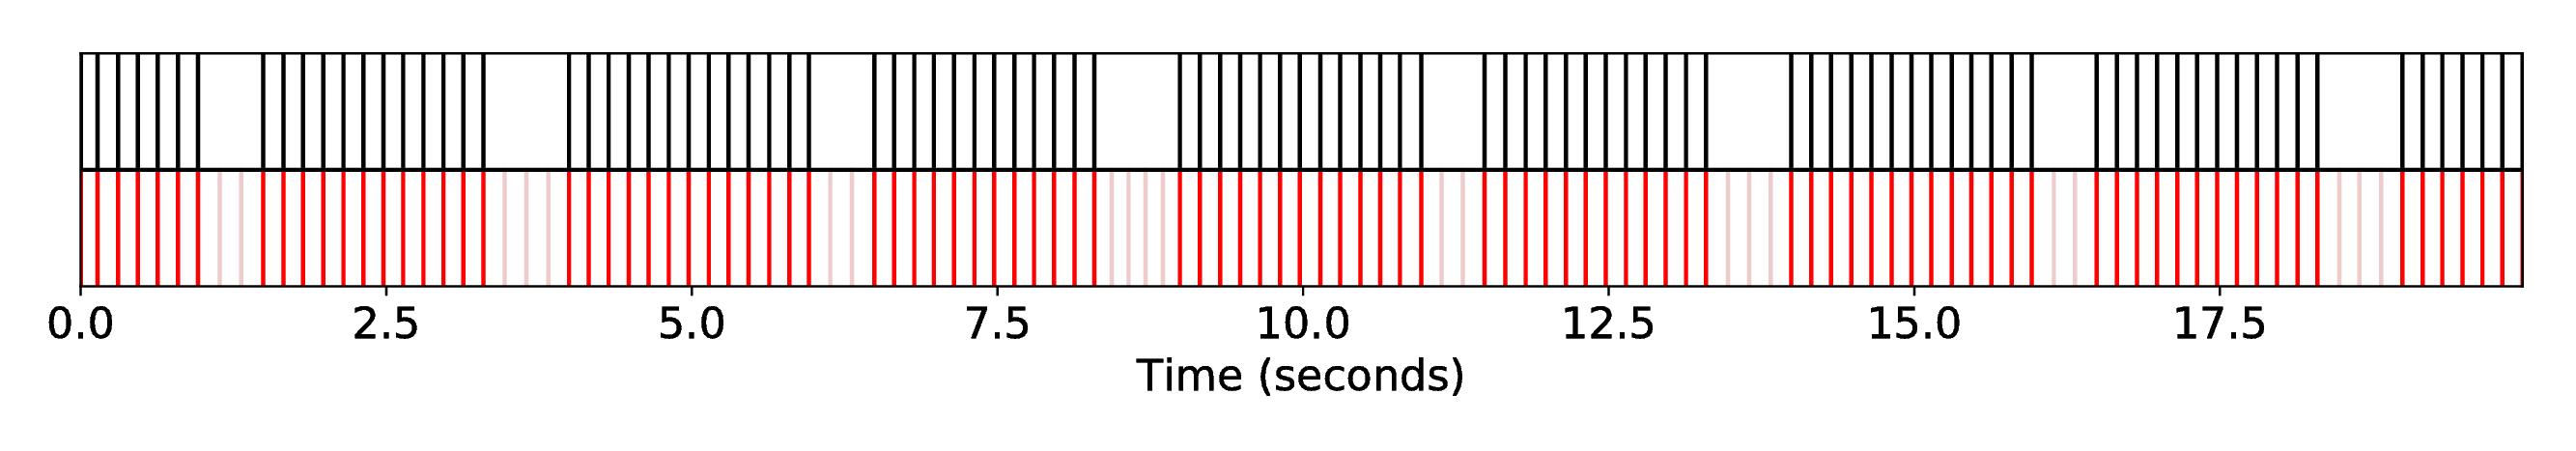 DP1_INT1_R-MRI-24__S-Bach__SequenceAlignment